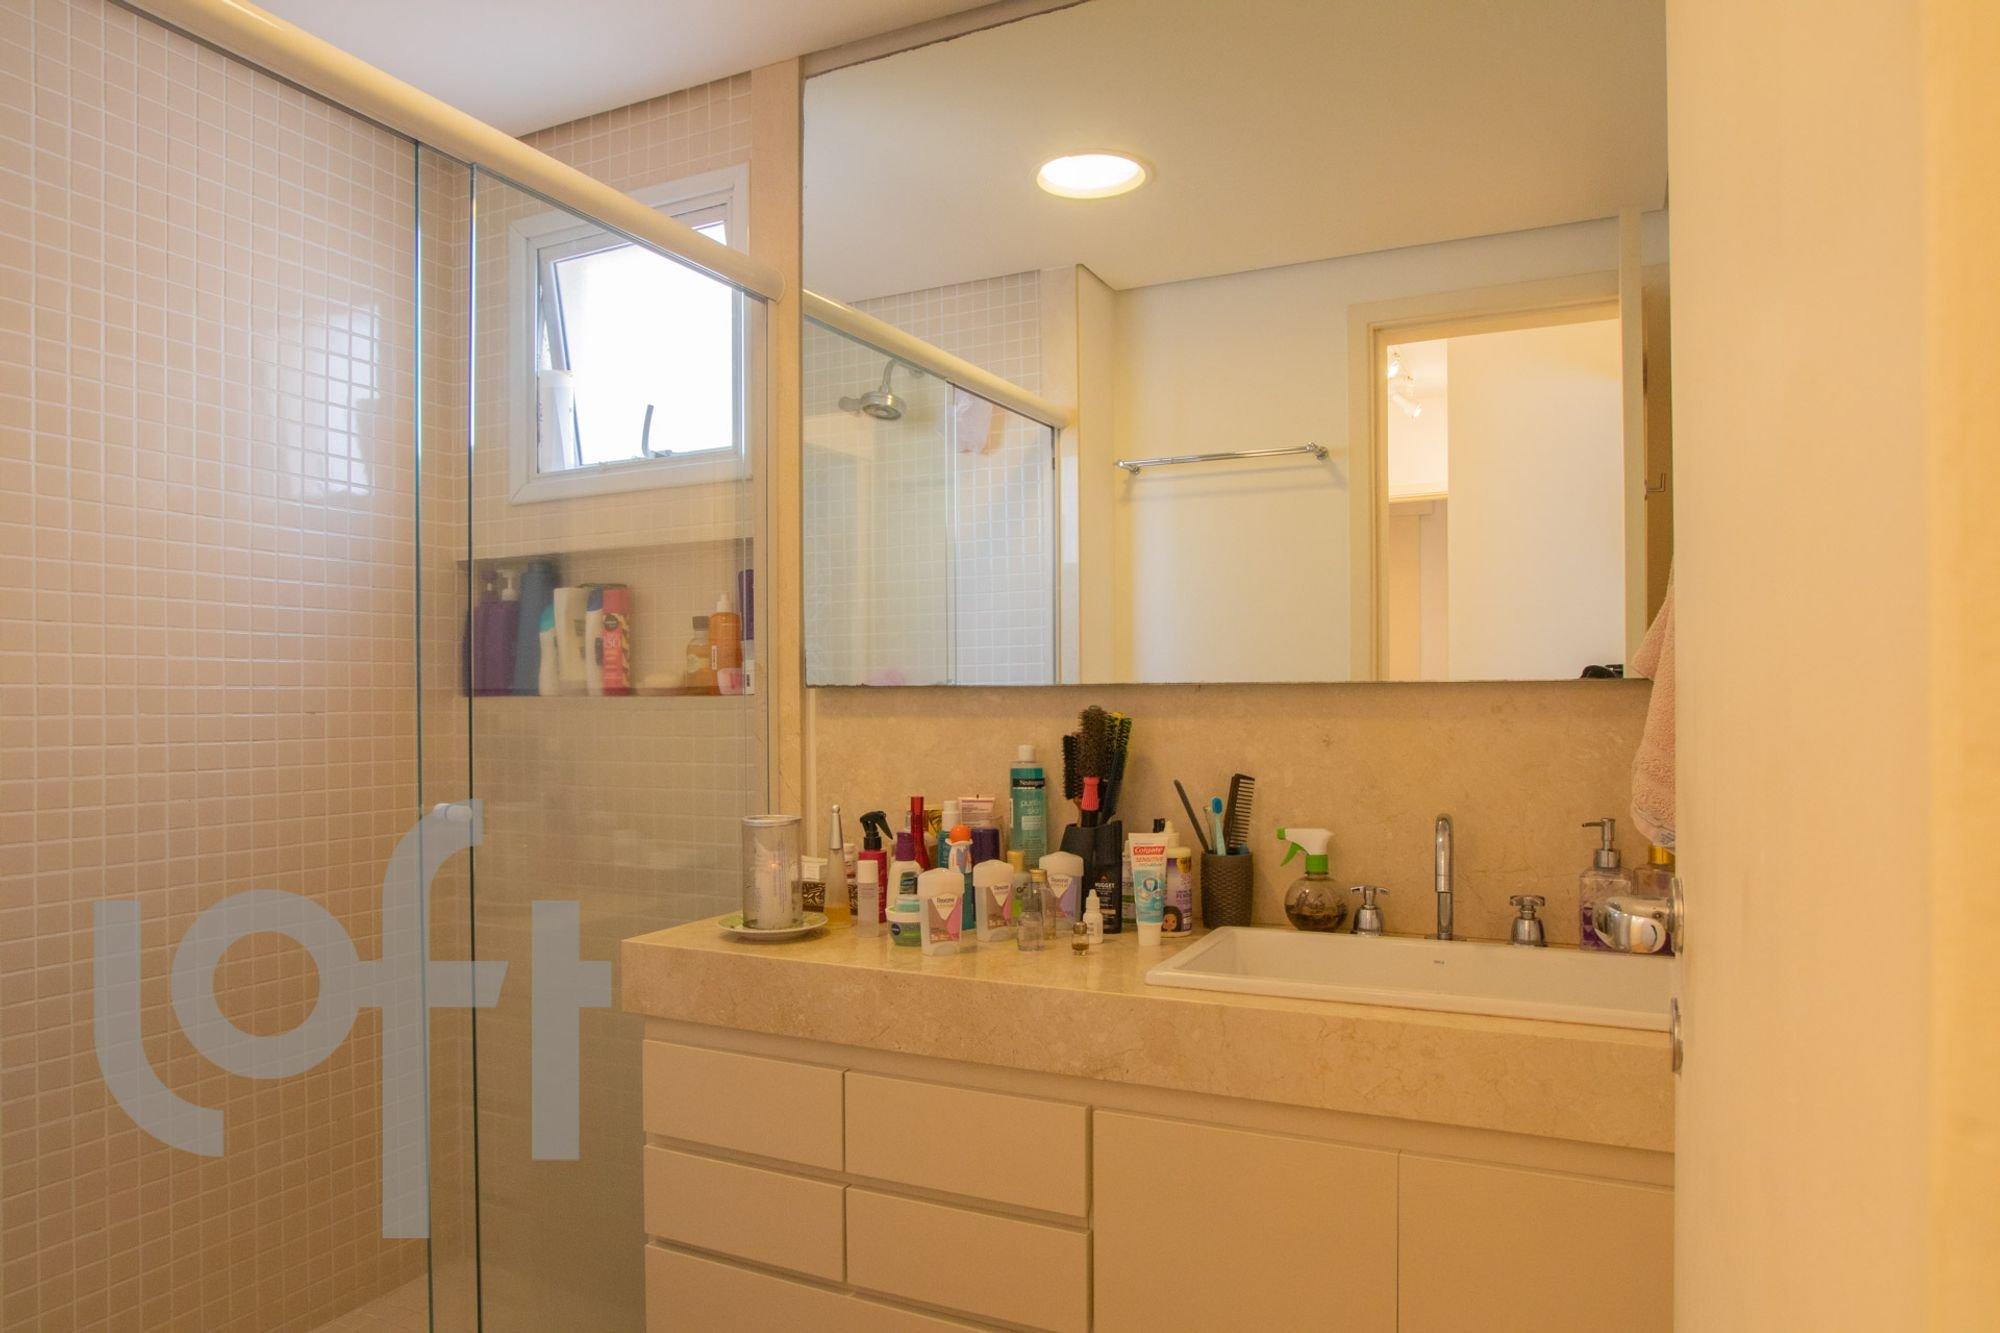 Foto de Banheiro com escova de dente, vaso sanitário, garrafa, tigela, pia